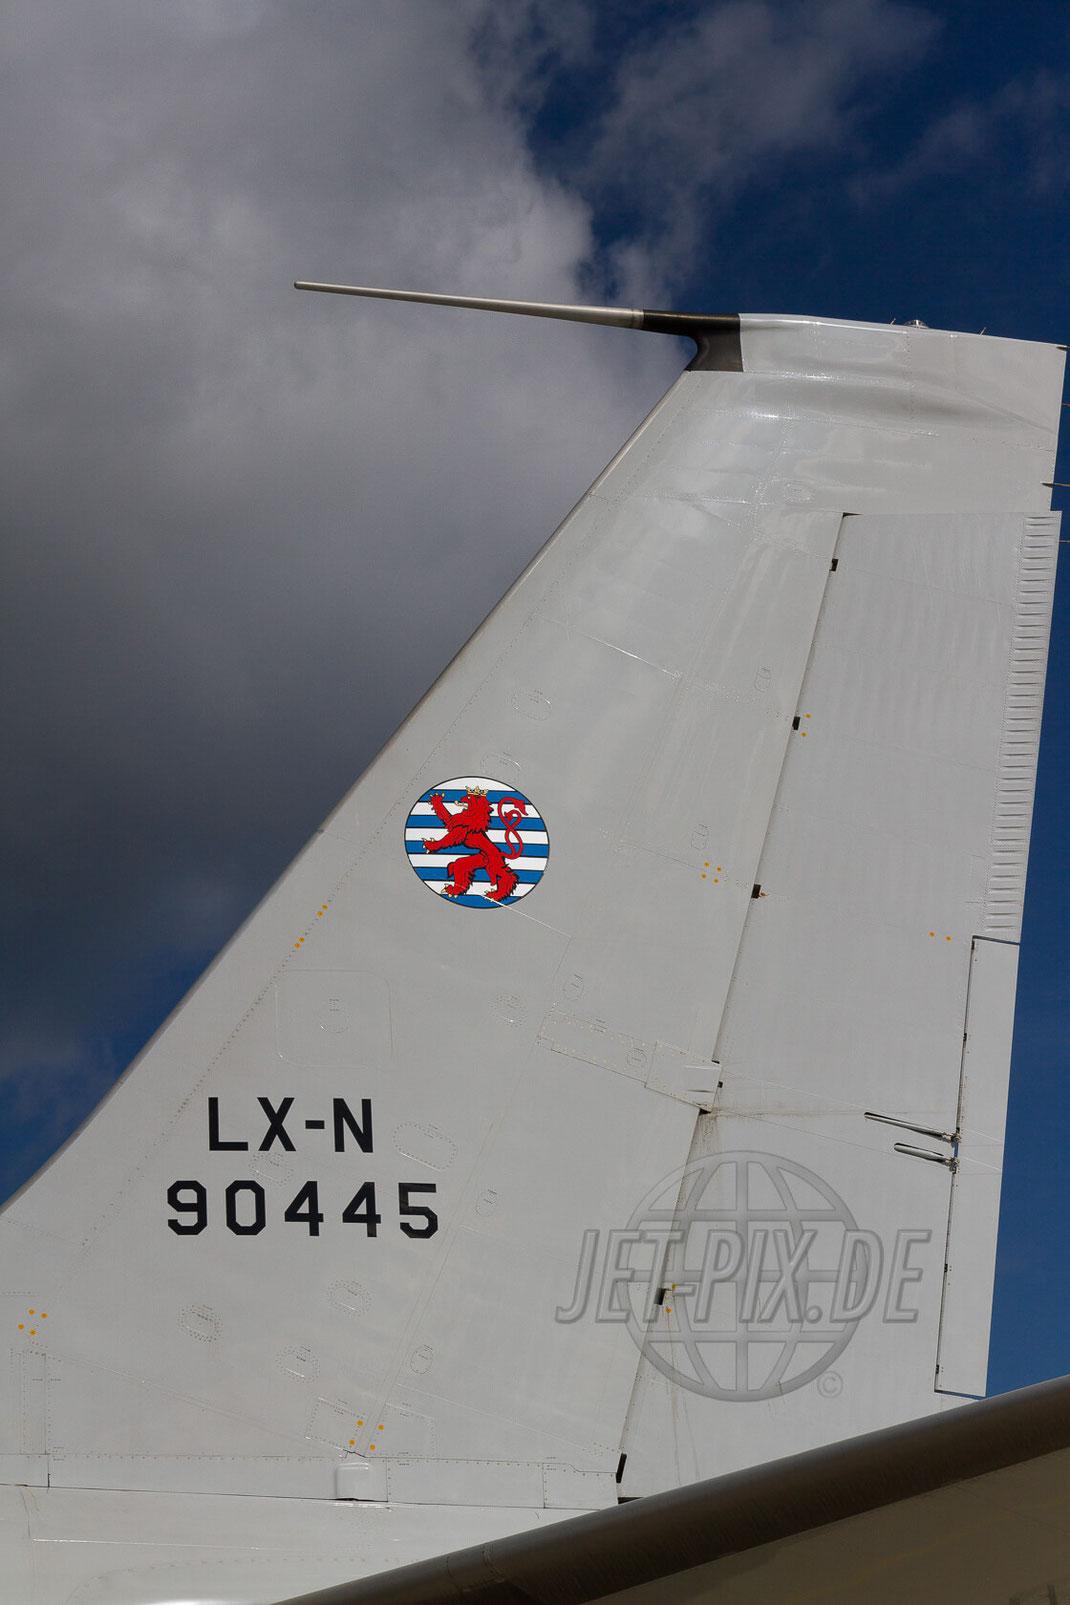 LX-N 90445 Heck 30 YEARS AWACS 2012.06.17 ETNG/GKE Geilenkirchen